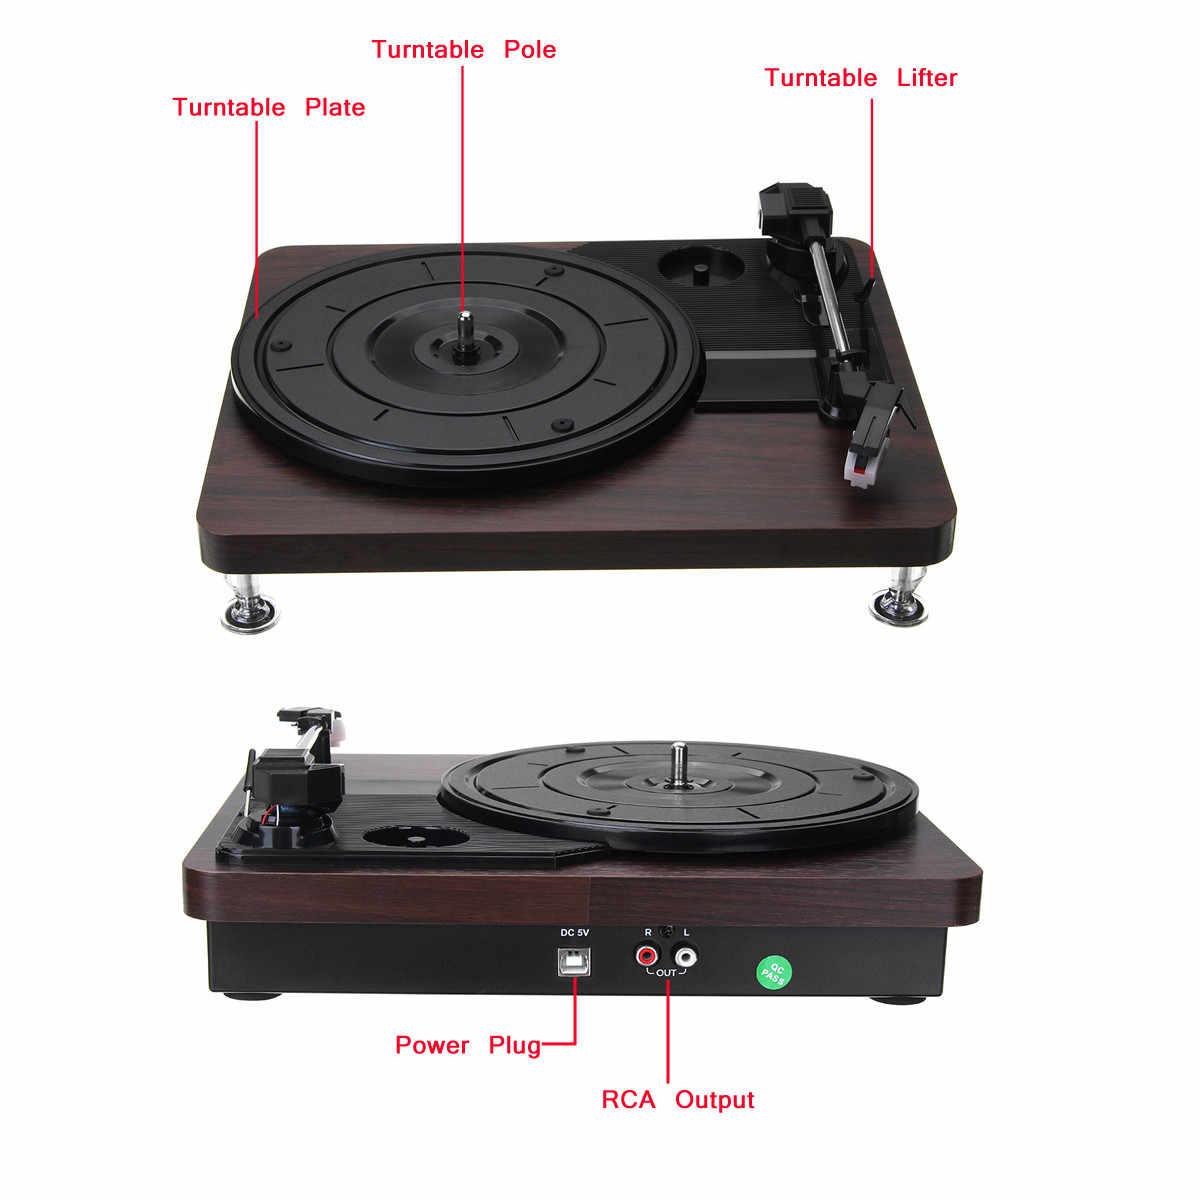 33 RPM プラスチック記録レトロプレーヤーポータブルオーディオ蓄音機ターンテーブルディスクビニールオーディオ RCA R/L 3.5 ミリメートル出力アウト USB DC 5 V